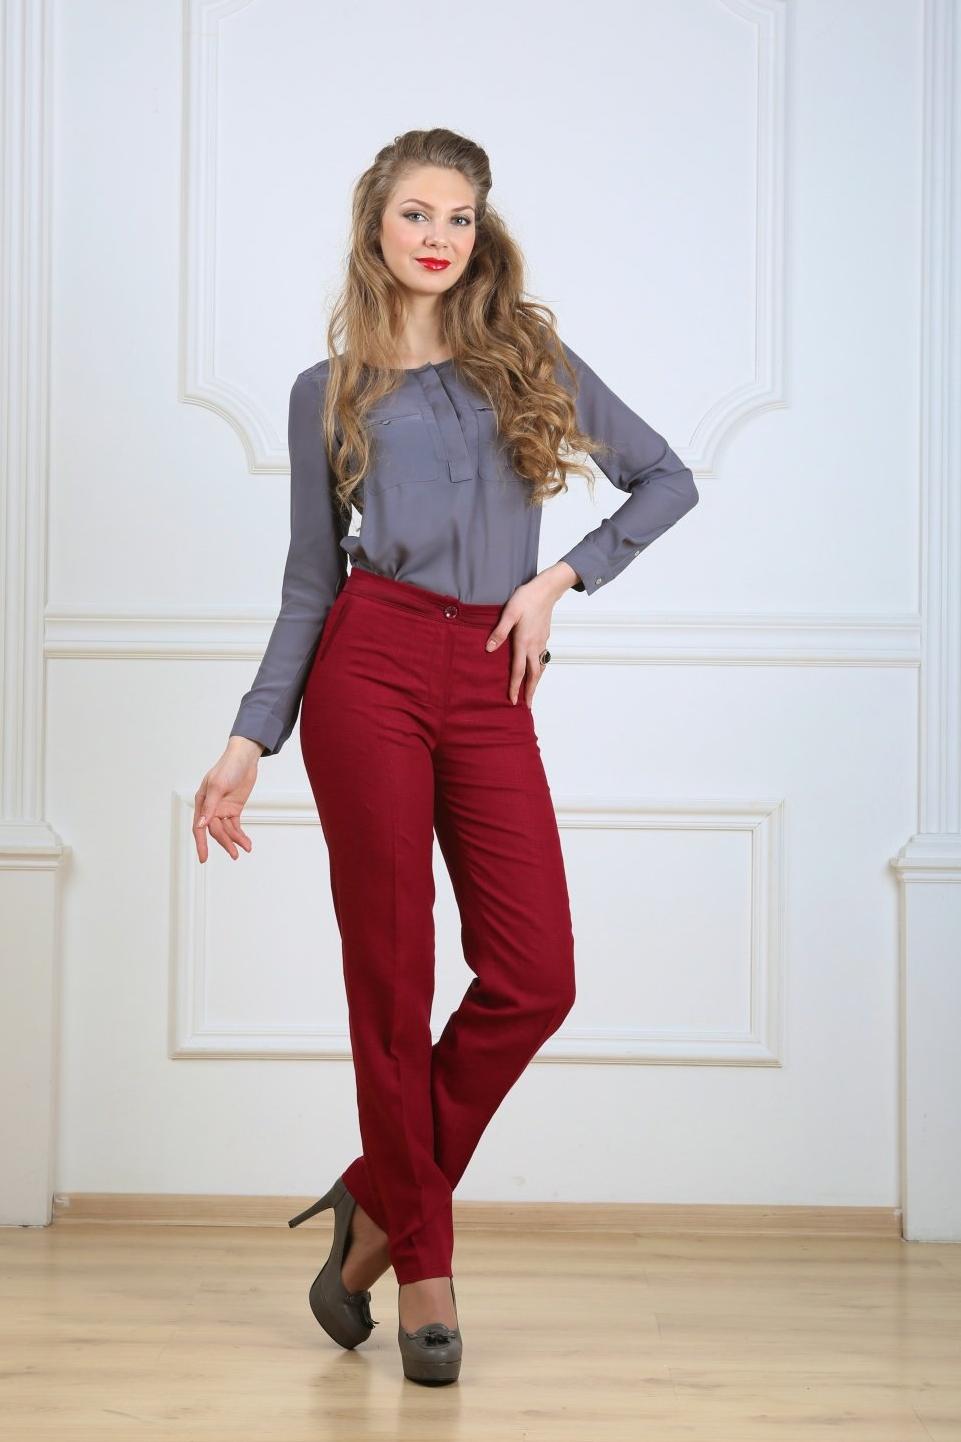 Бьютифул Женская Одежда